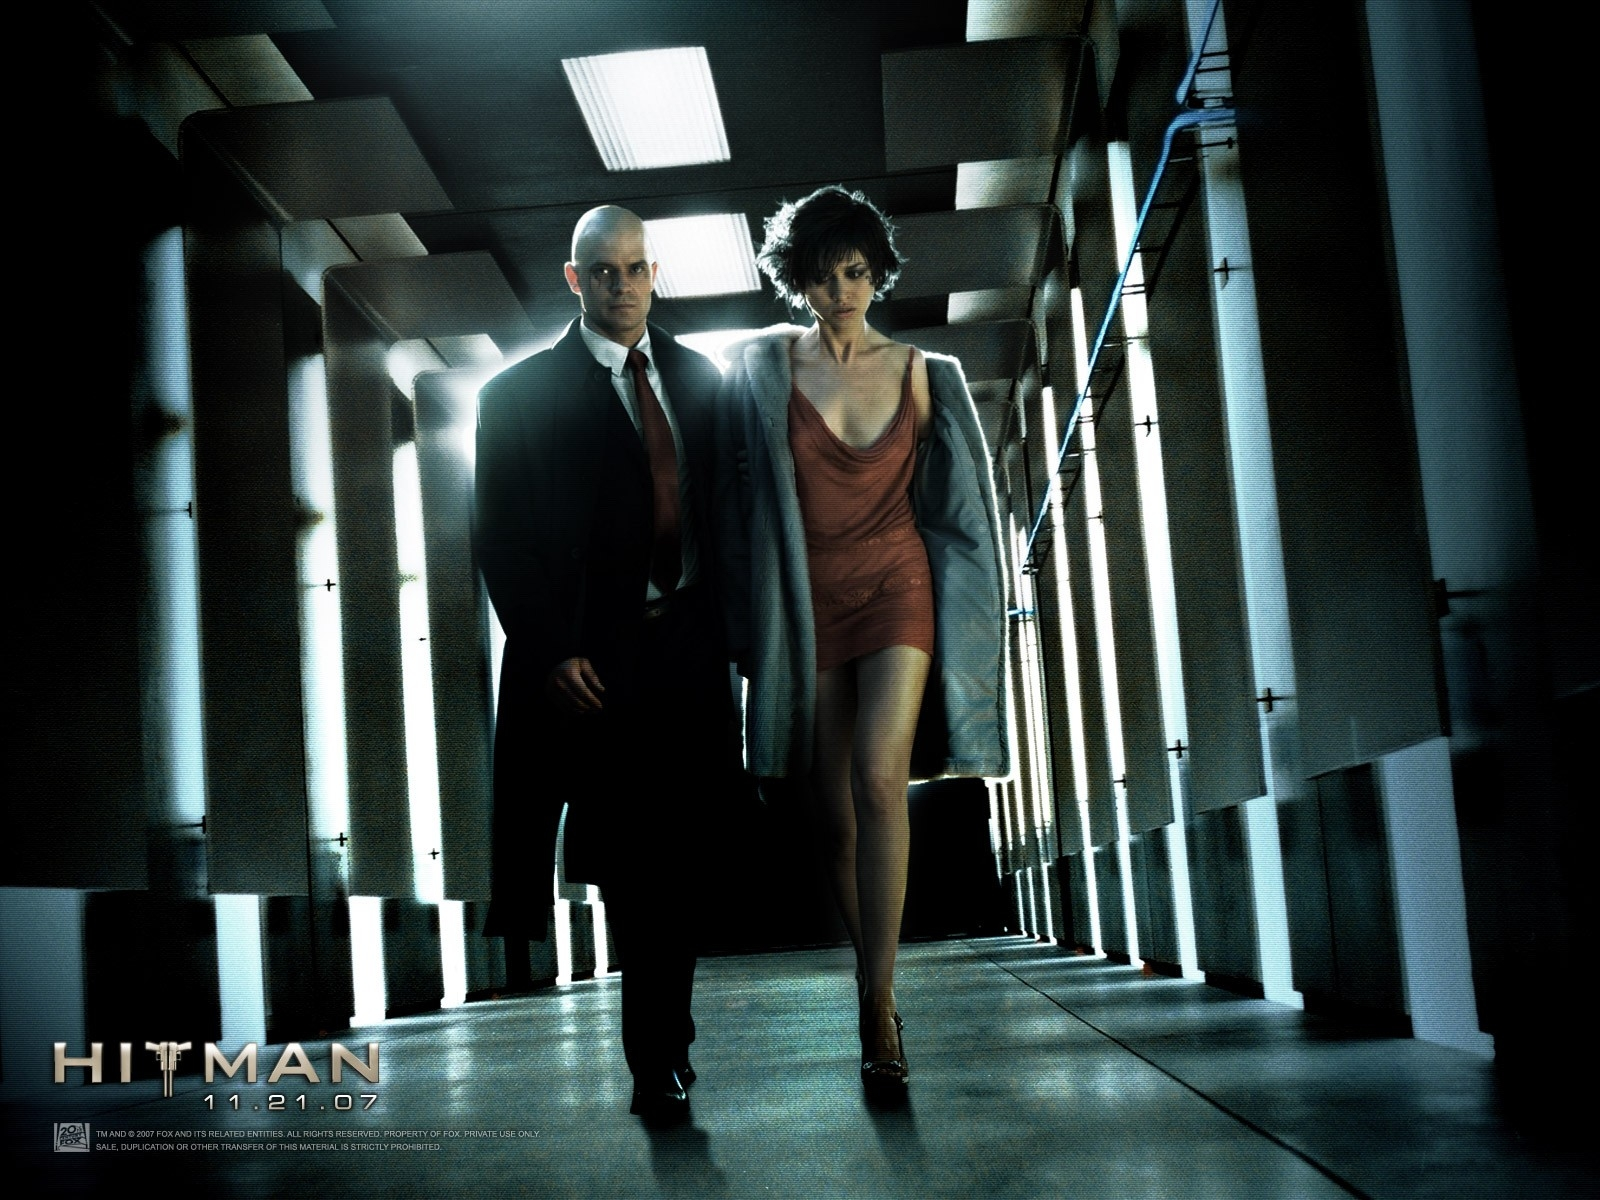 Wallpaper dell'action Hitman - L'assassino